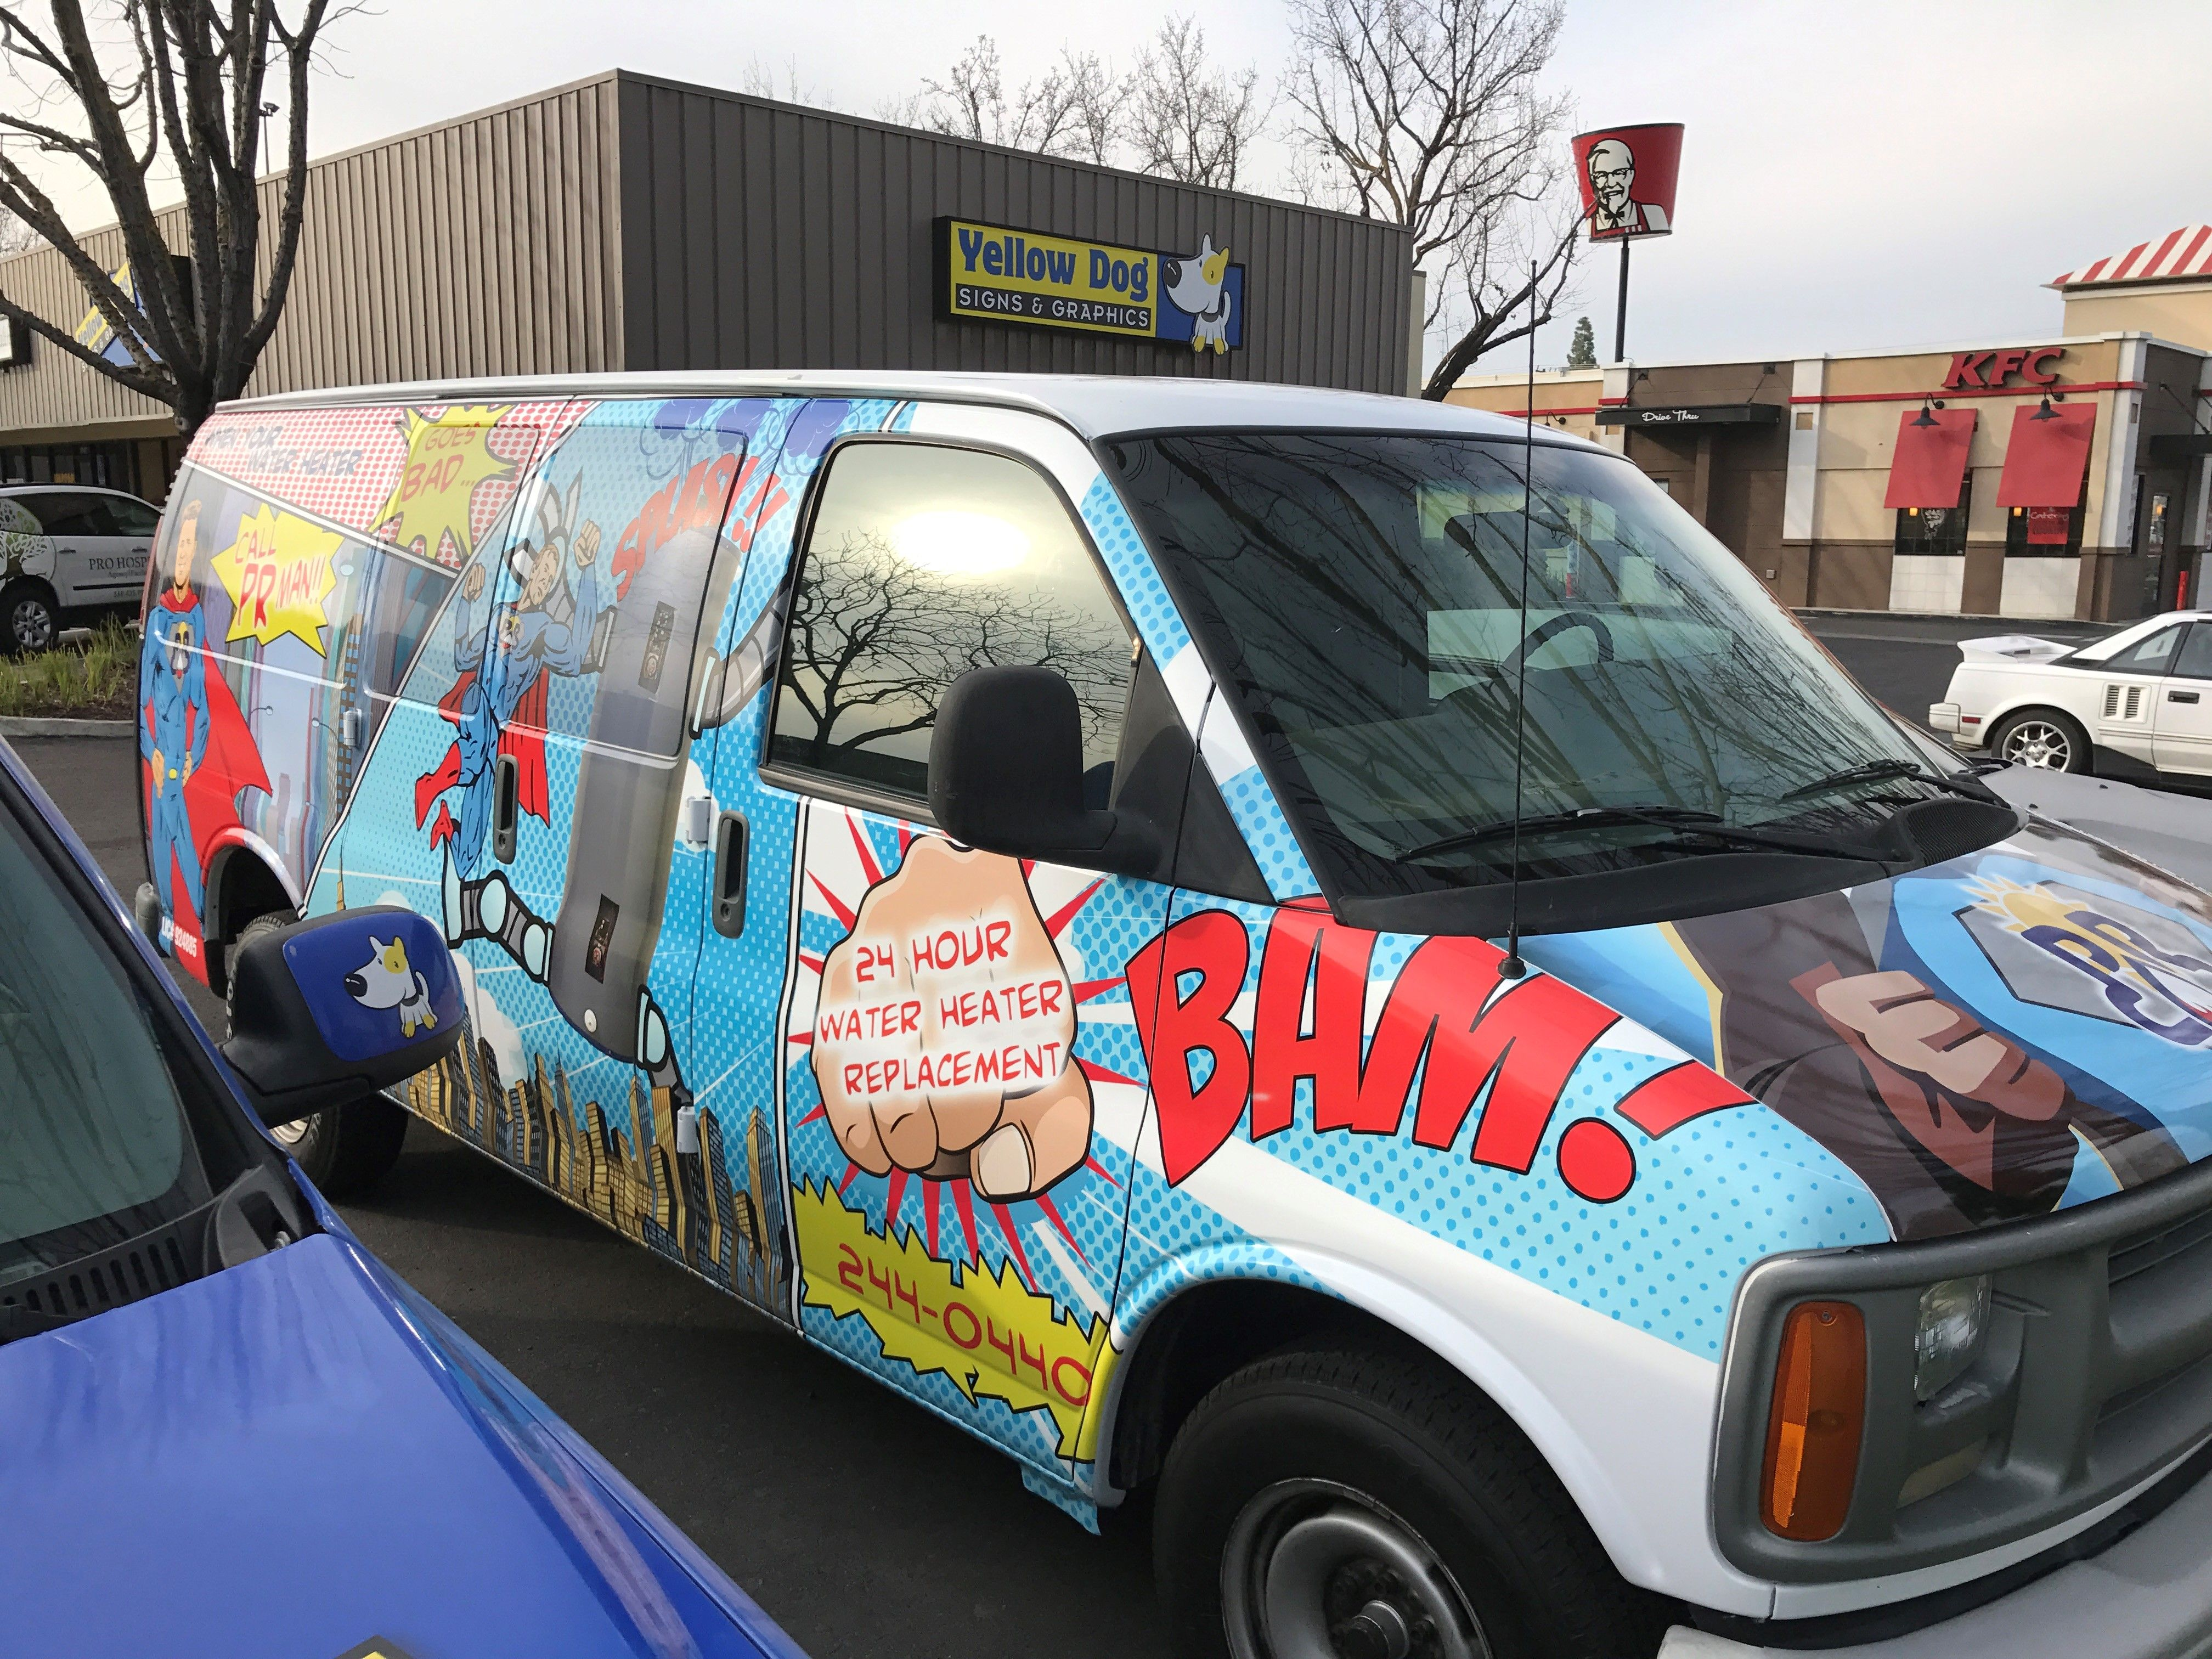 PR Plumbing Comic Book Van